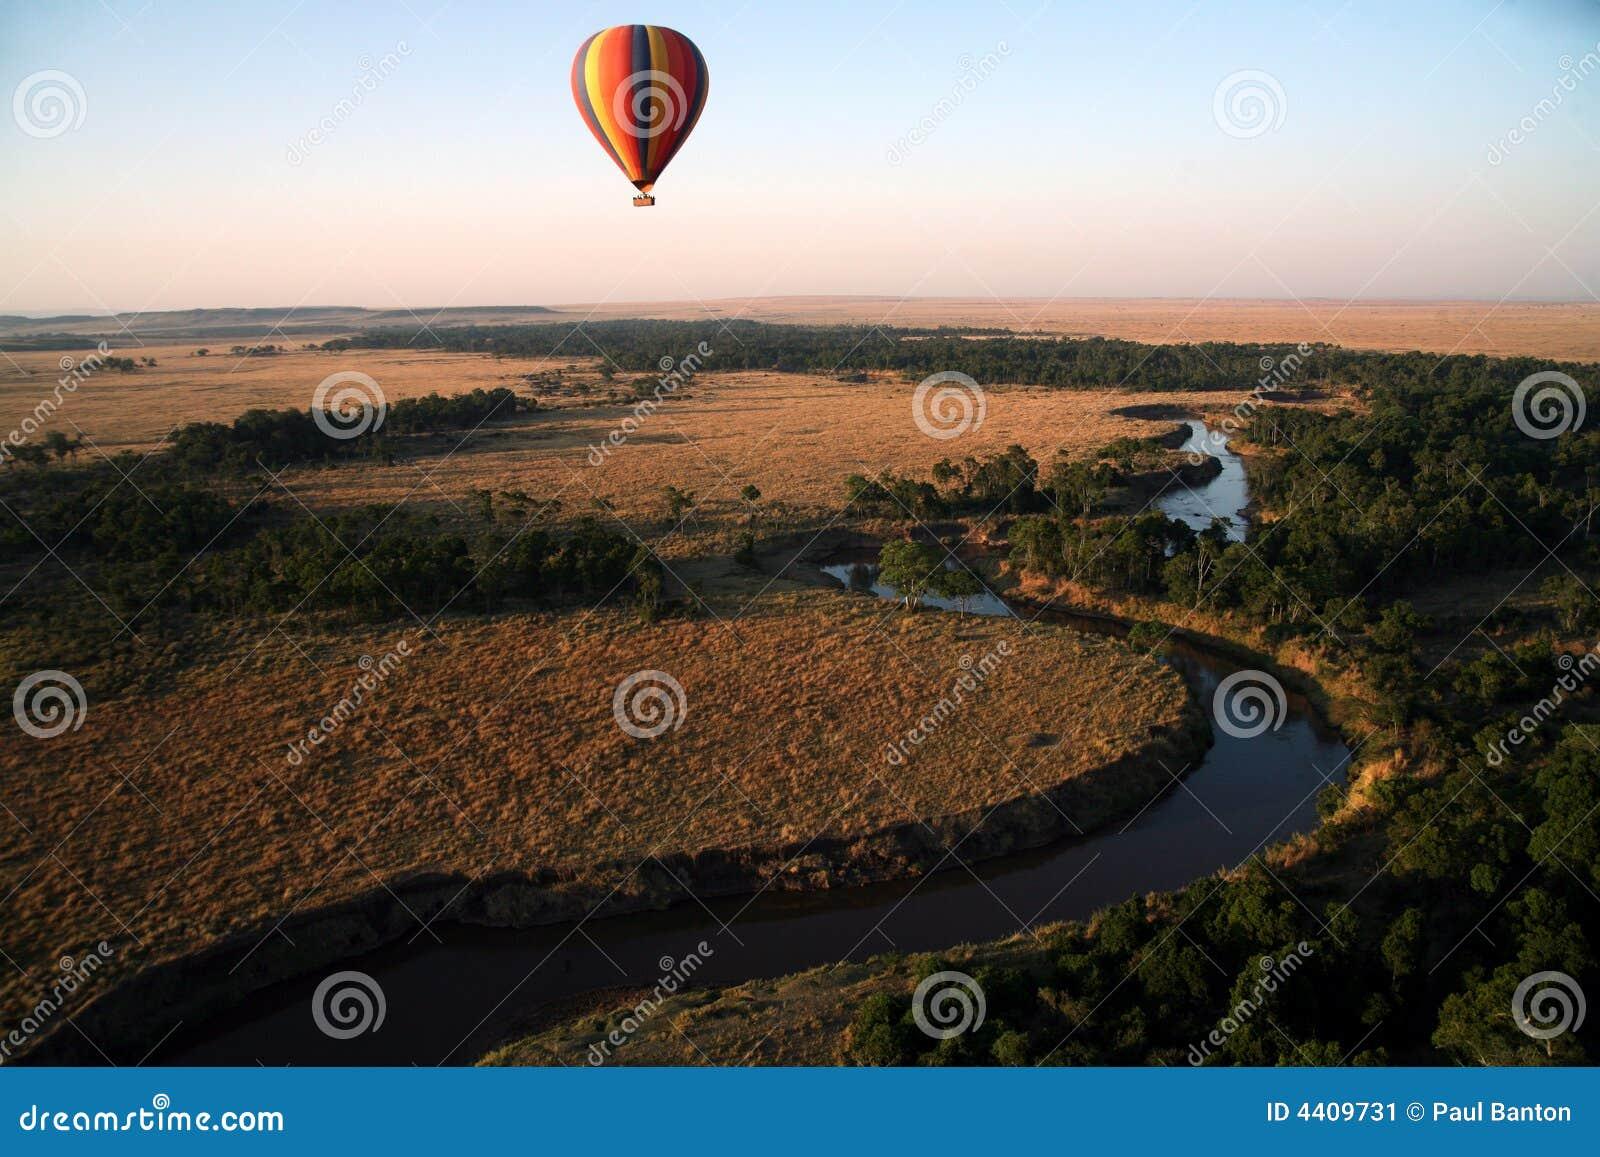 Hot Air Balloon (Kenya)